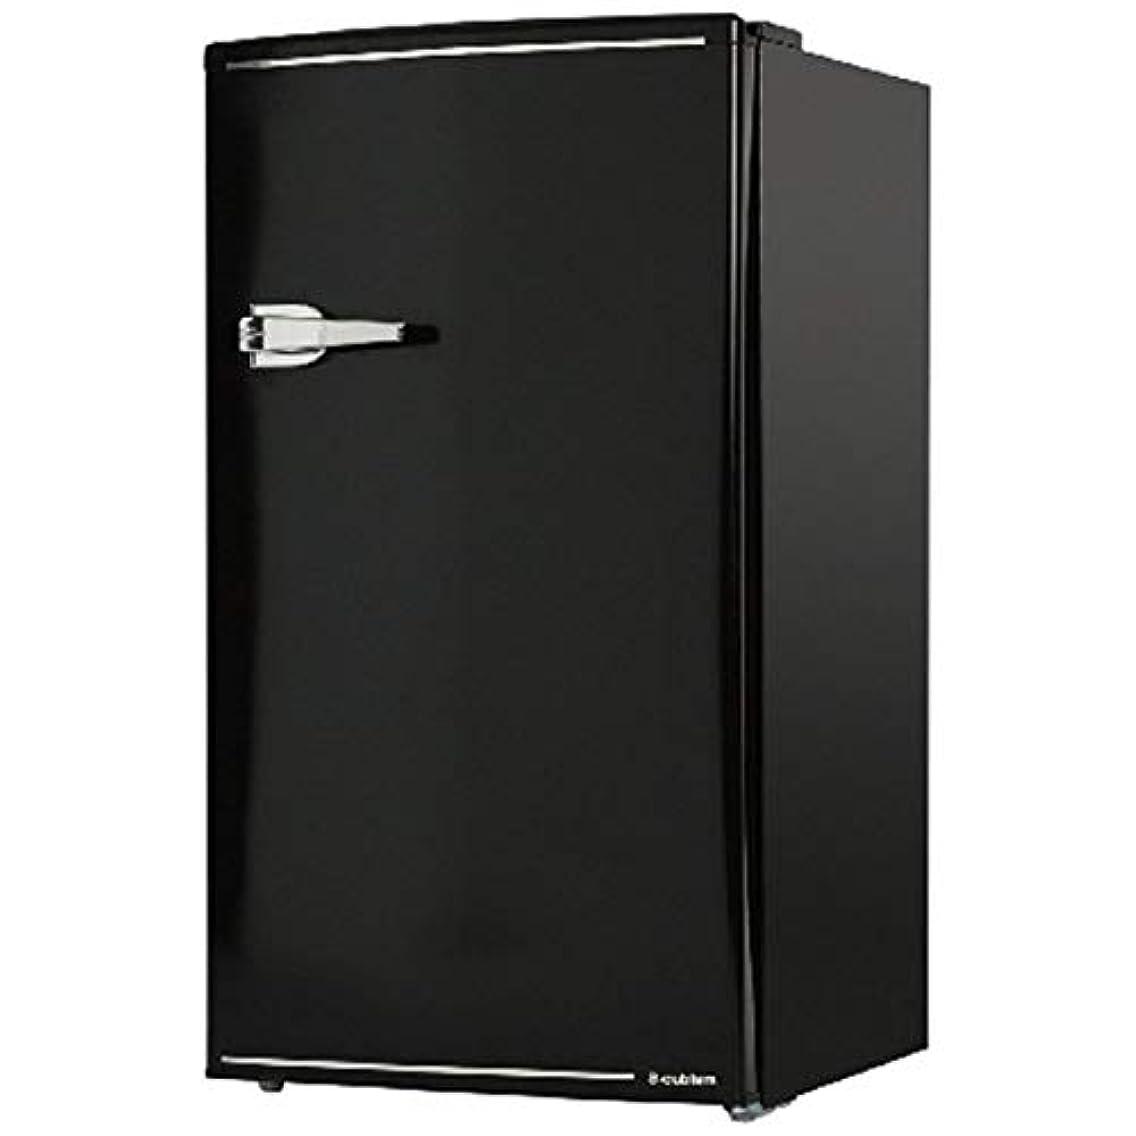 下線汚染された安西S-cubism 85L 1ドア 右開きタイプ 直冷式 冷蔵庫 ブラックWRD-1085K